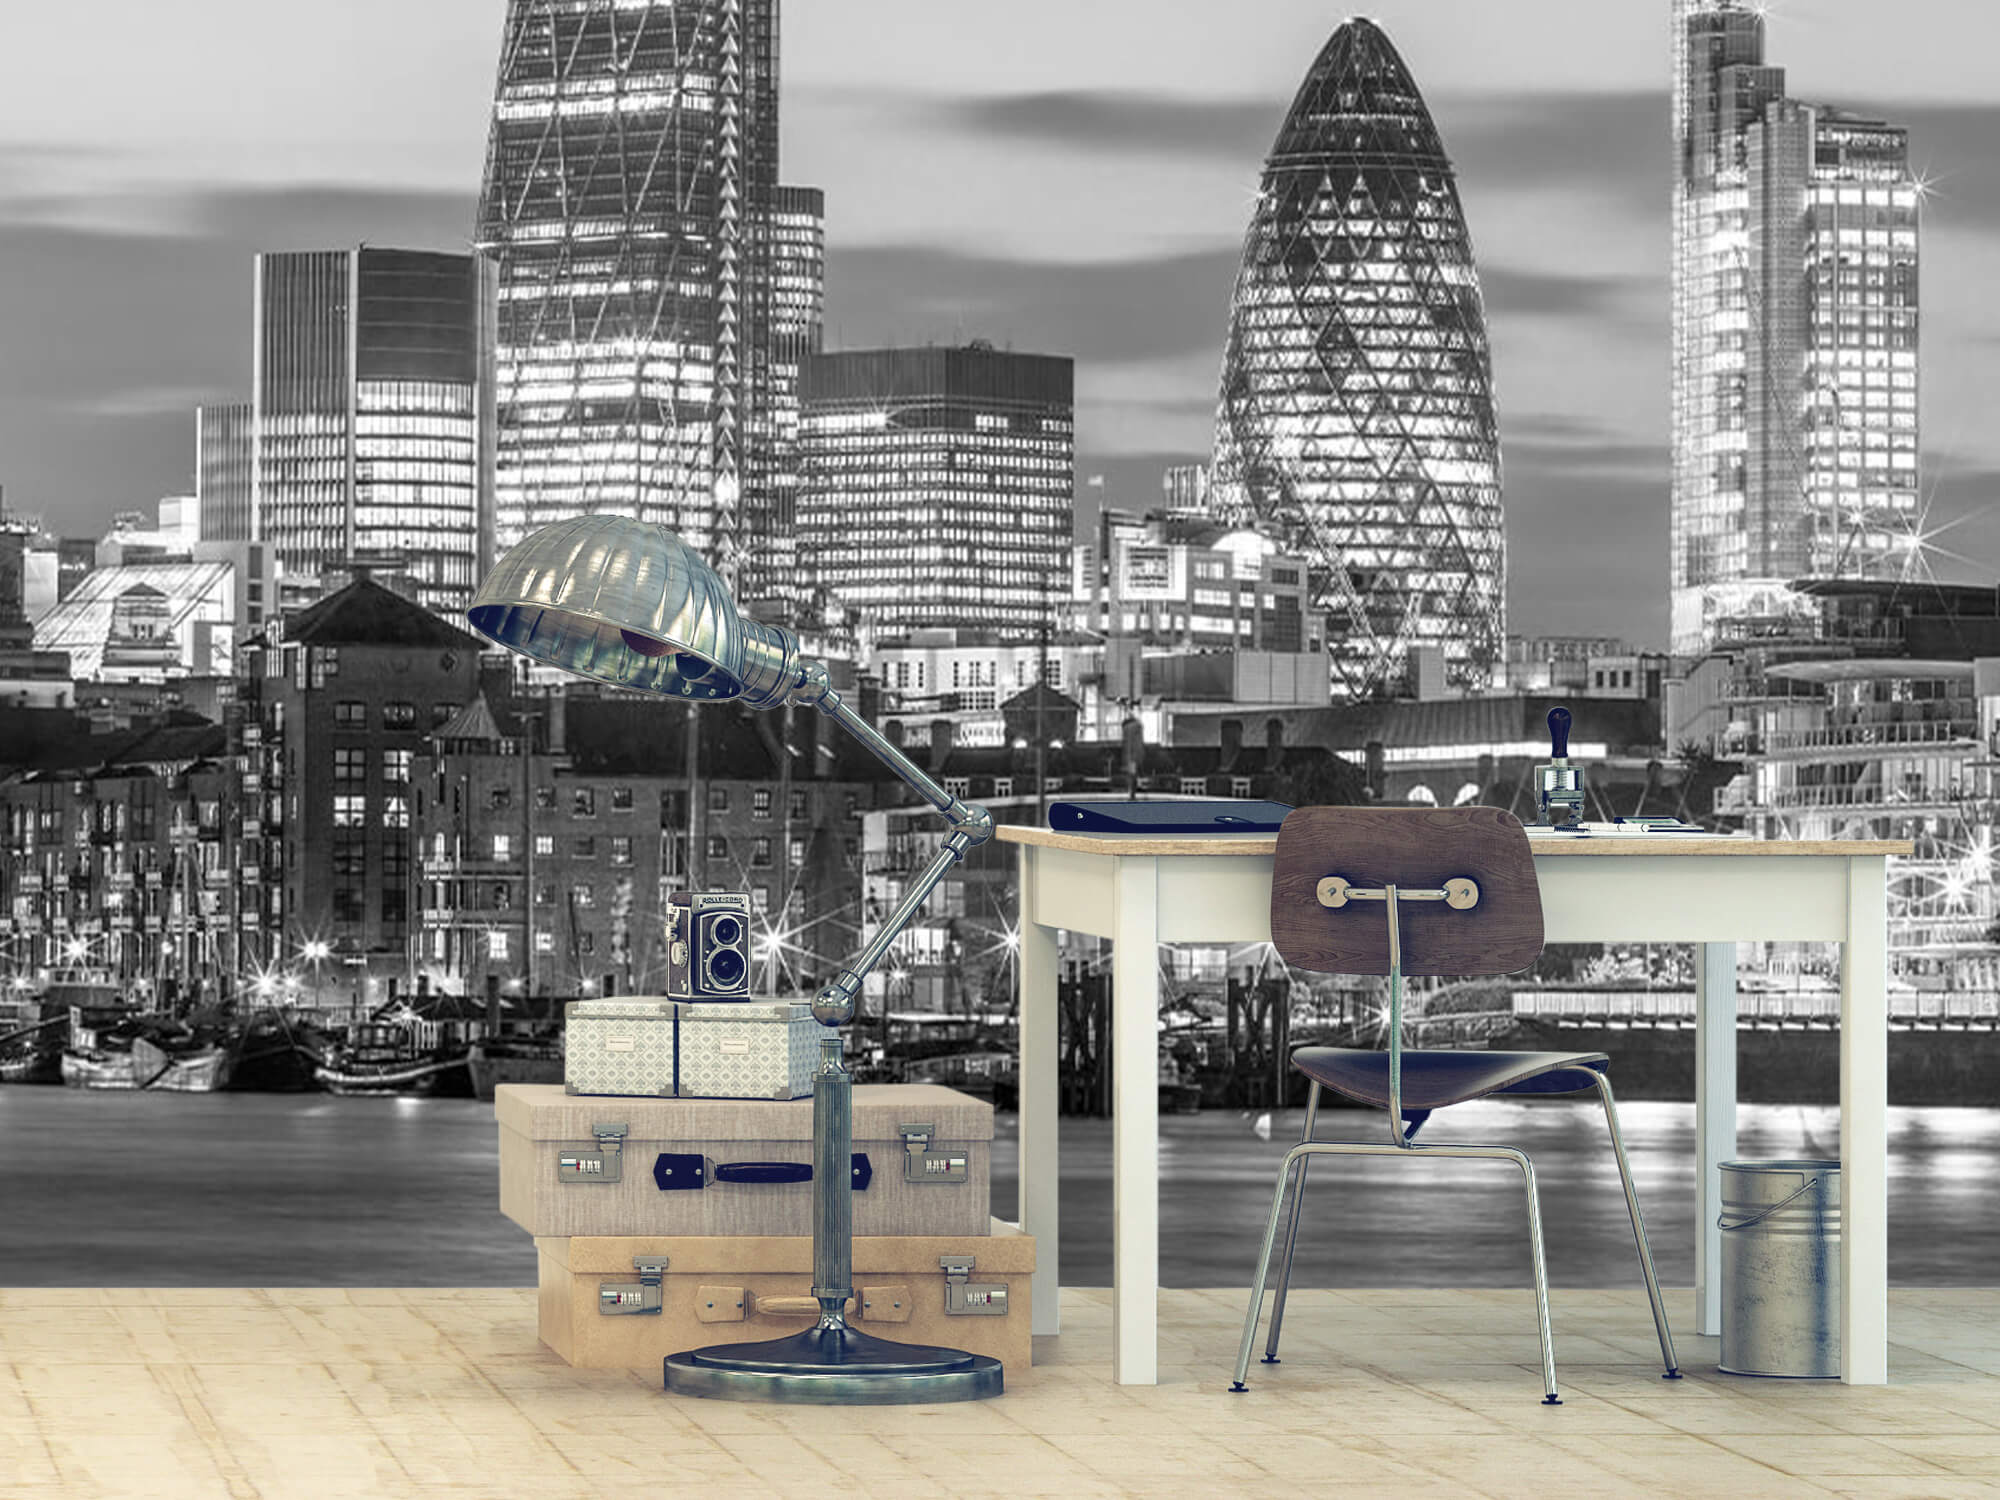 Londen skyline 11